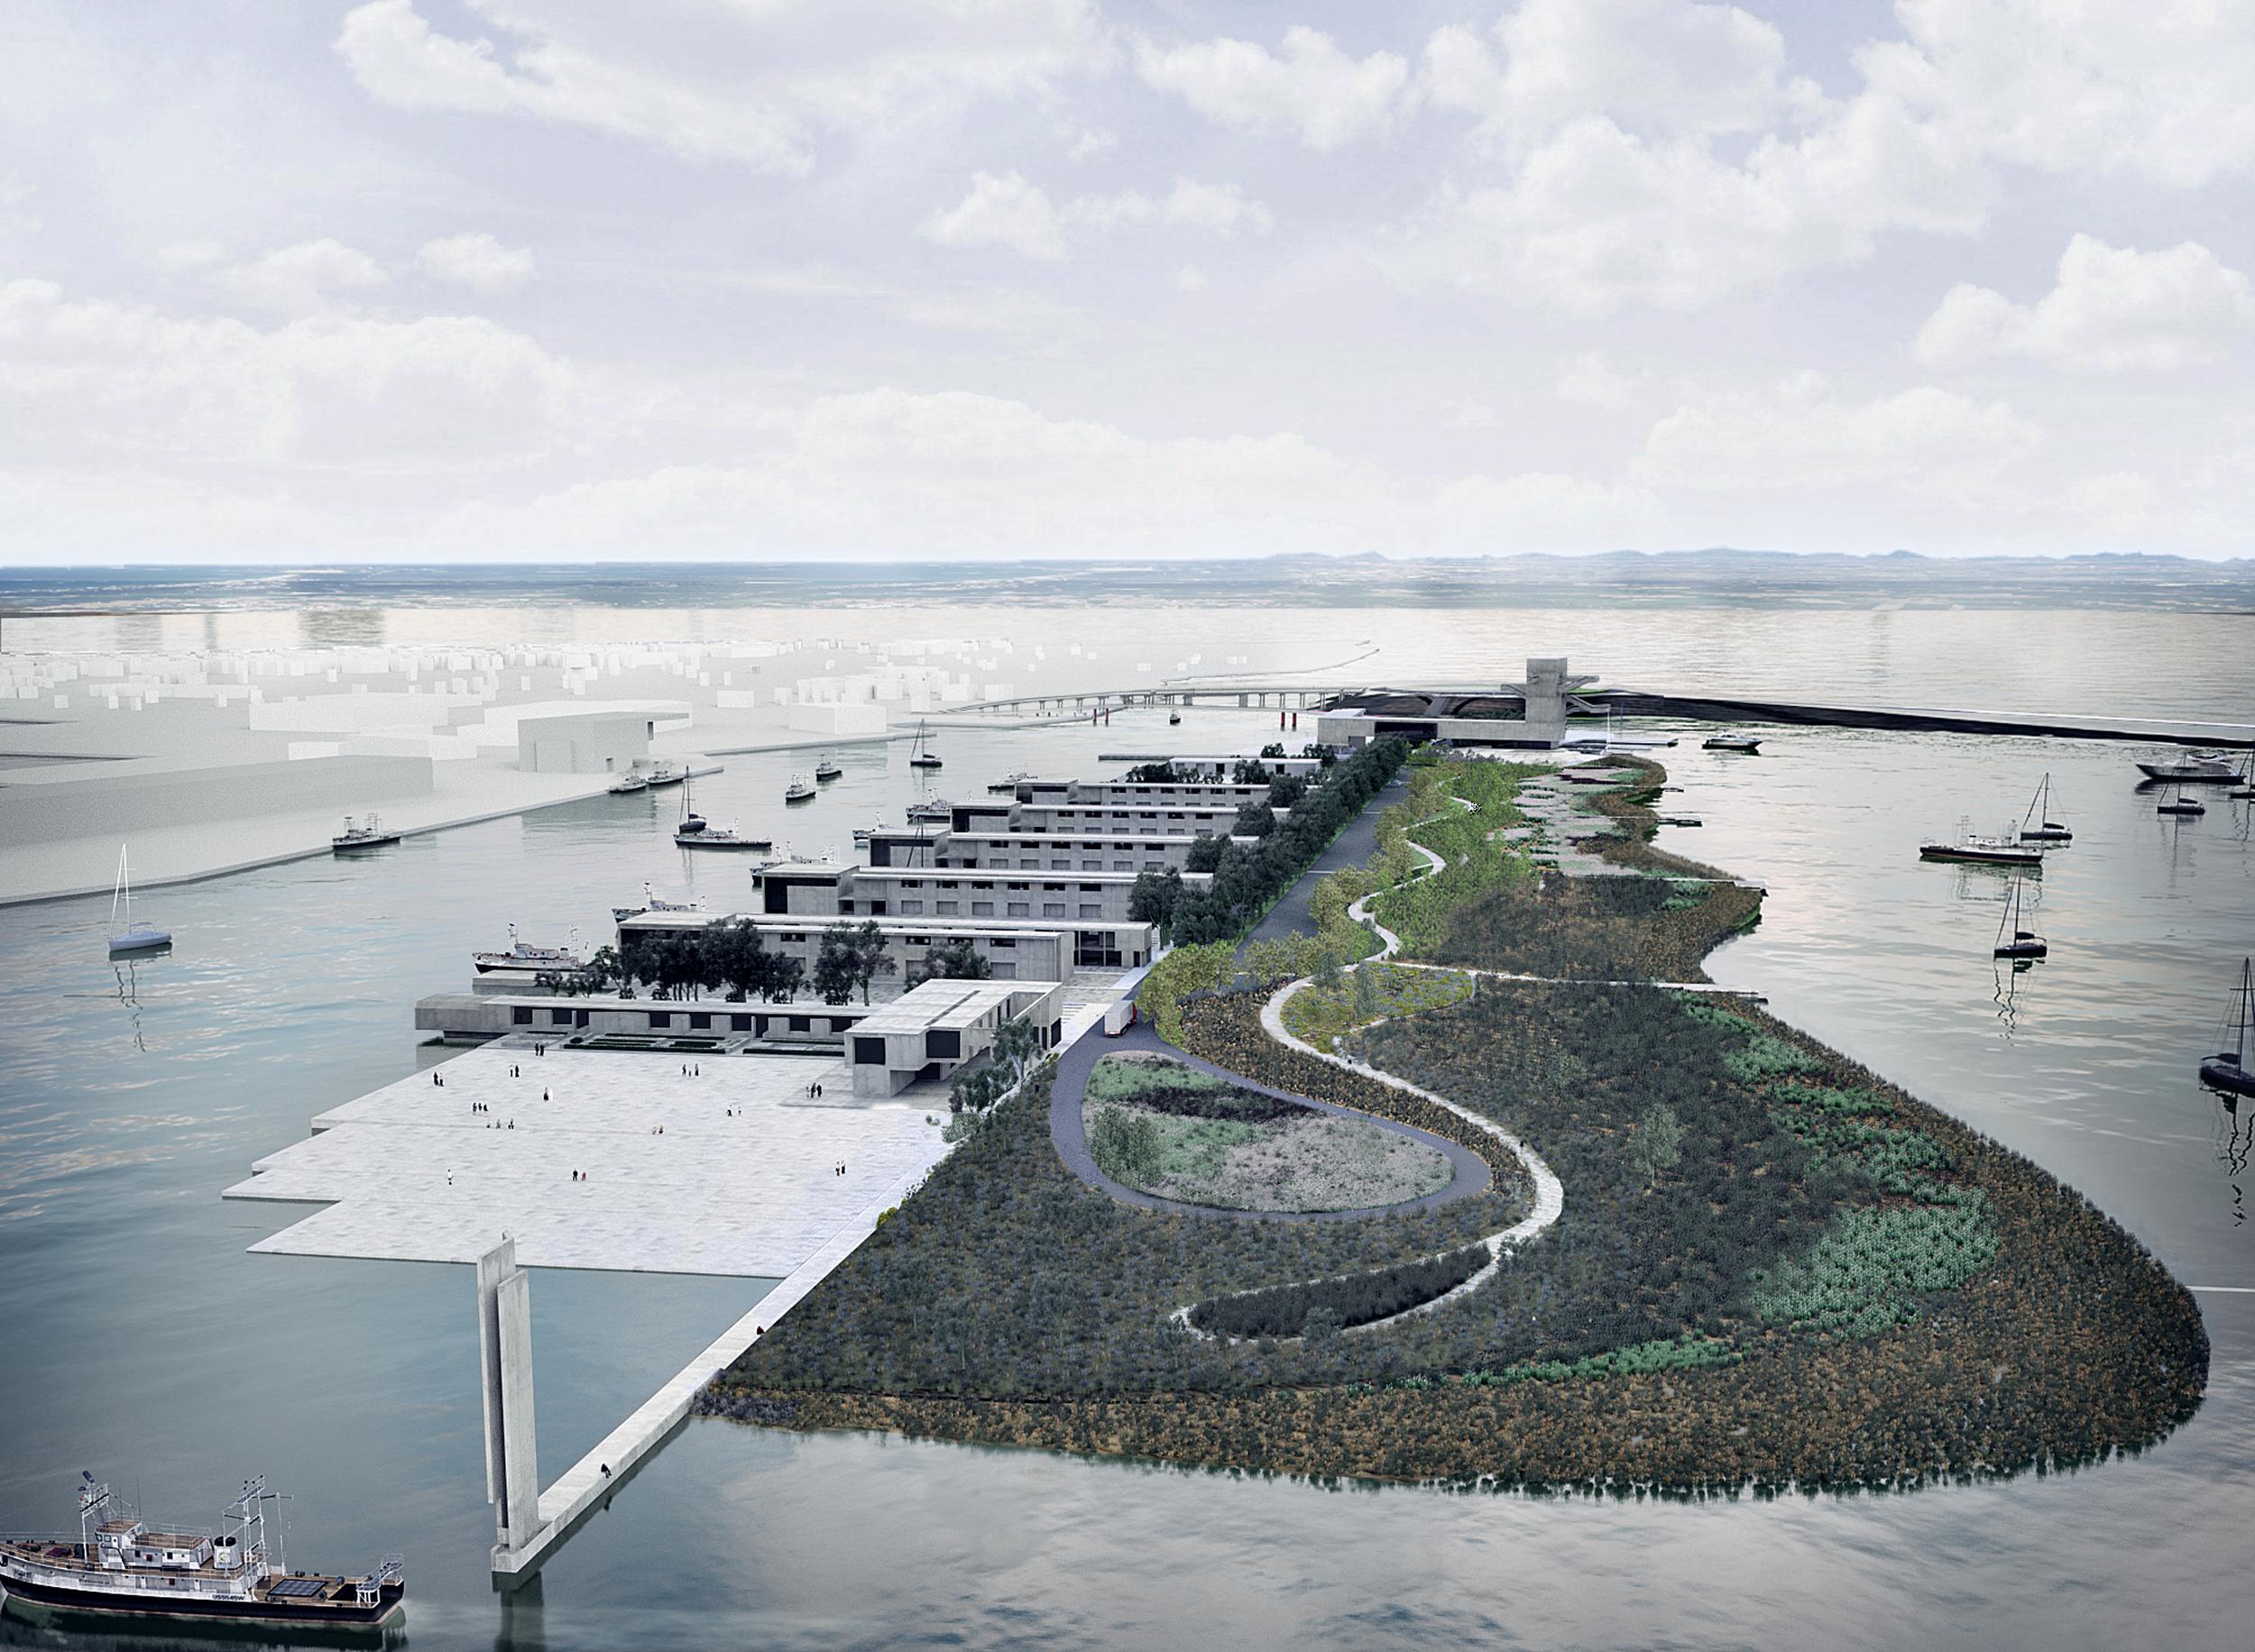 """Aleghero. La nuova isola con il nuovo faro, il parco e il la """"piazza d'acqua"""""""